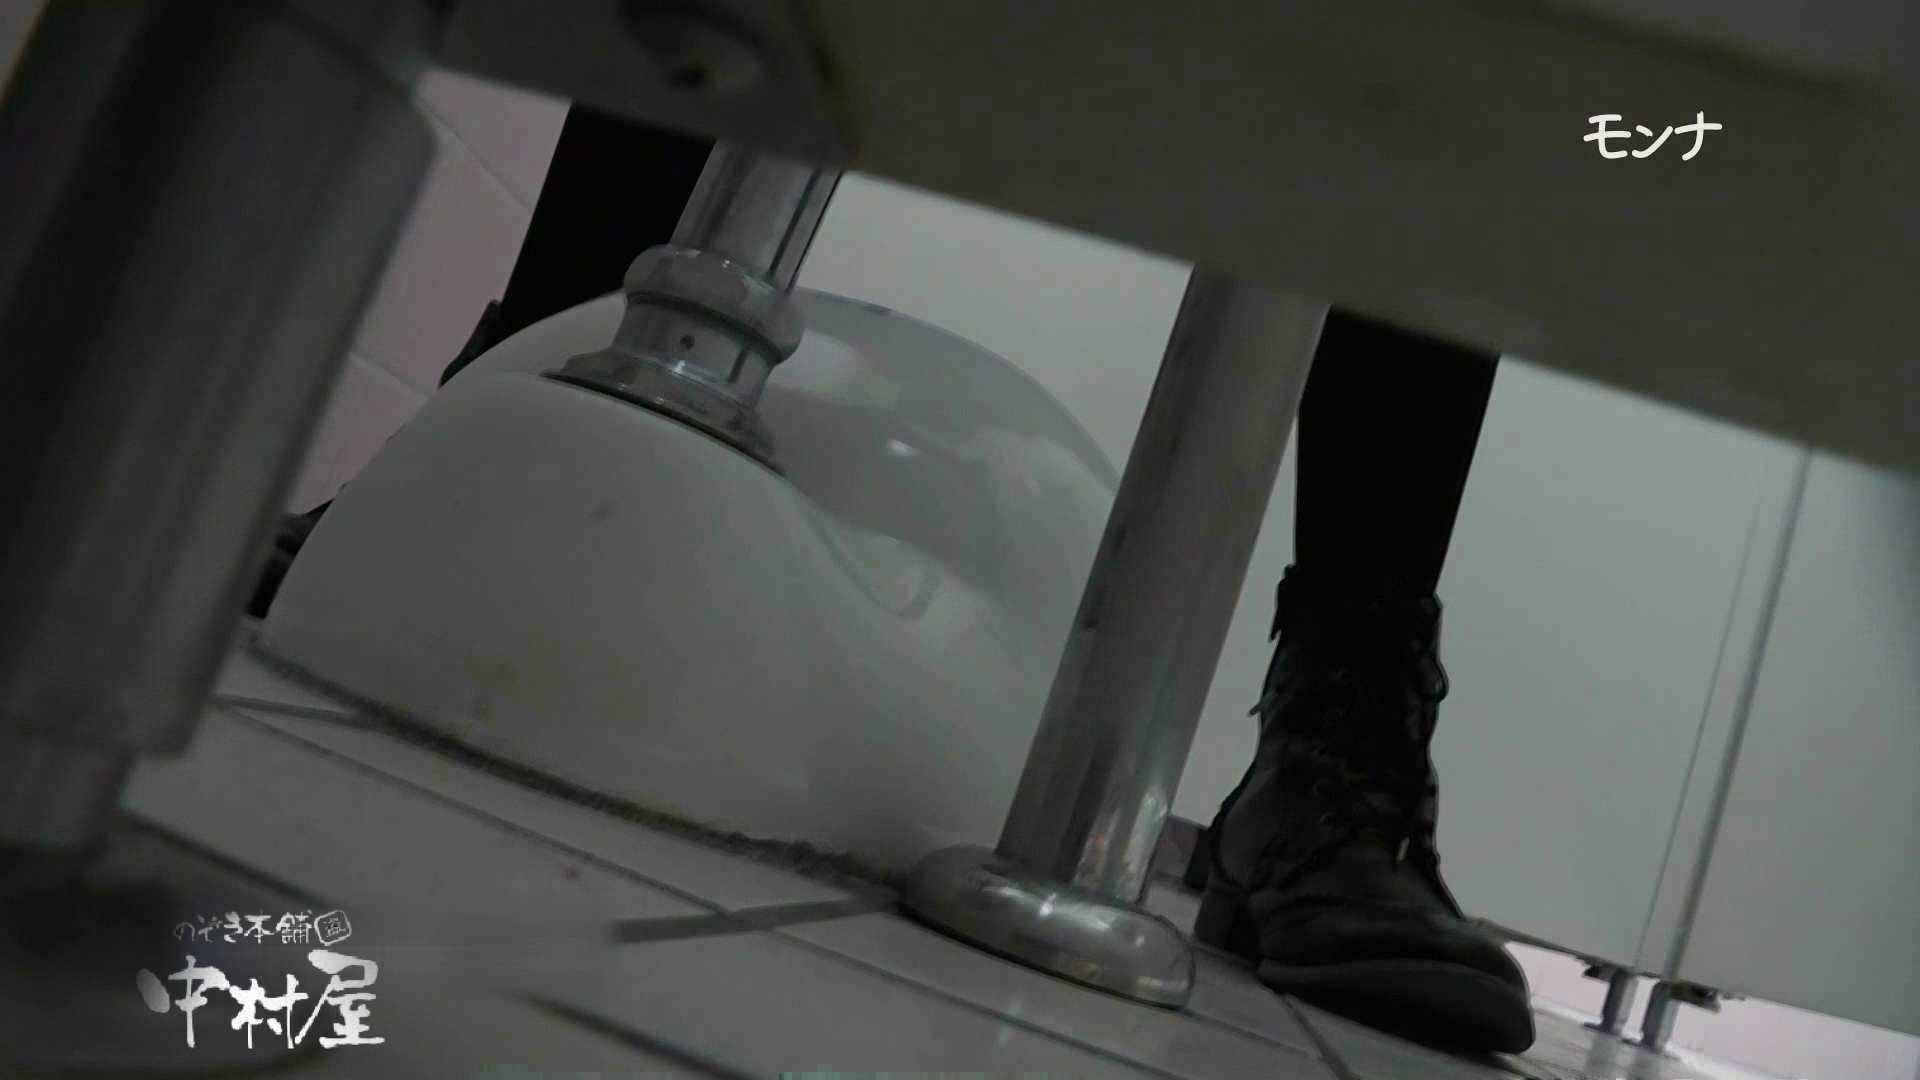 【美しい日本の未来】遂に!!戸田恵梨香似の予告モデル登場ダッシュで「大」前編 おまんこ見放題  75PIX 68